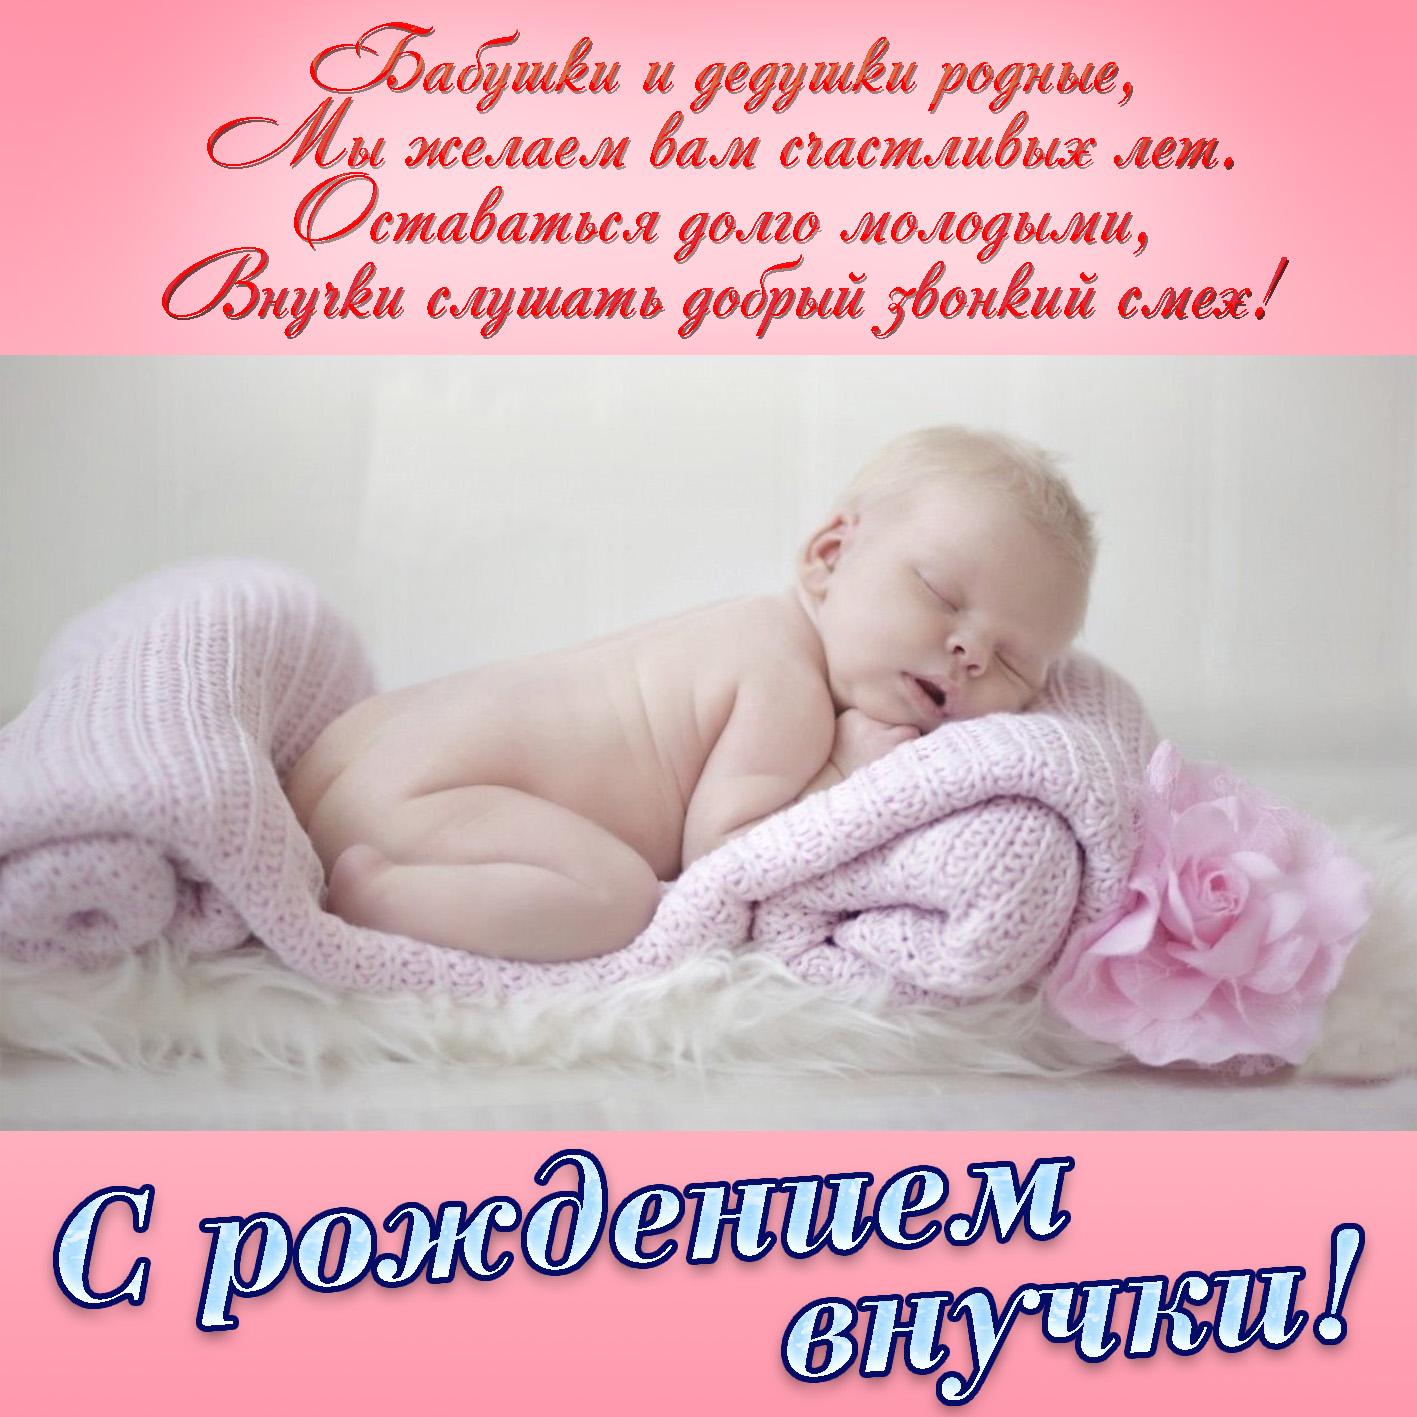 Поздравление с рождения внучки открытки, открытка юбилеем